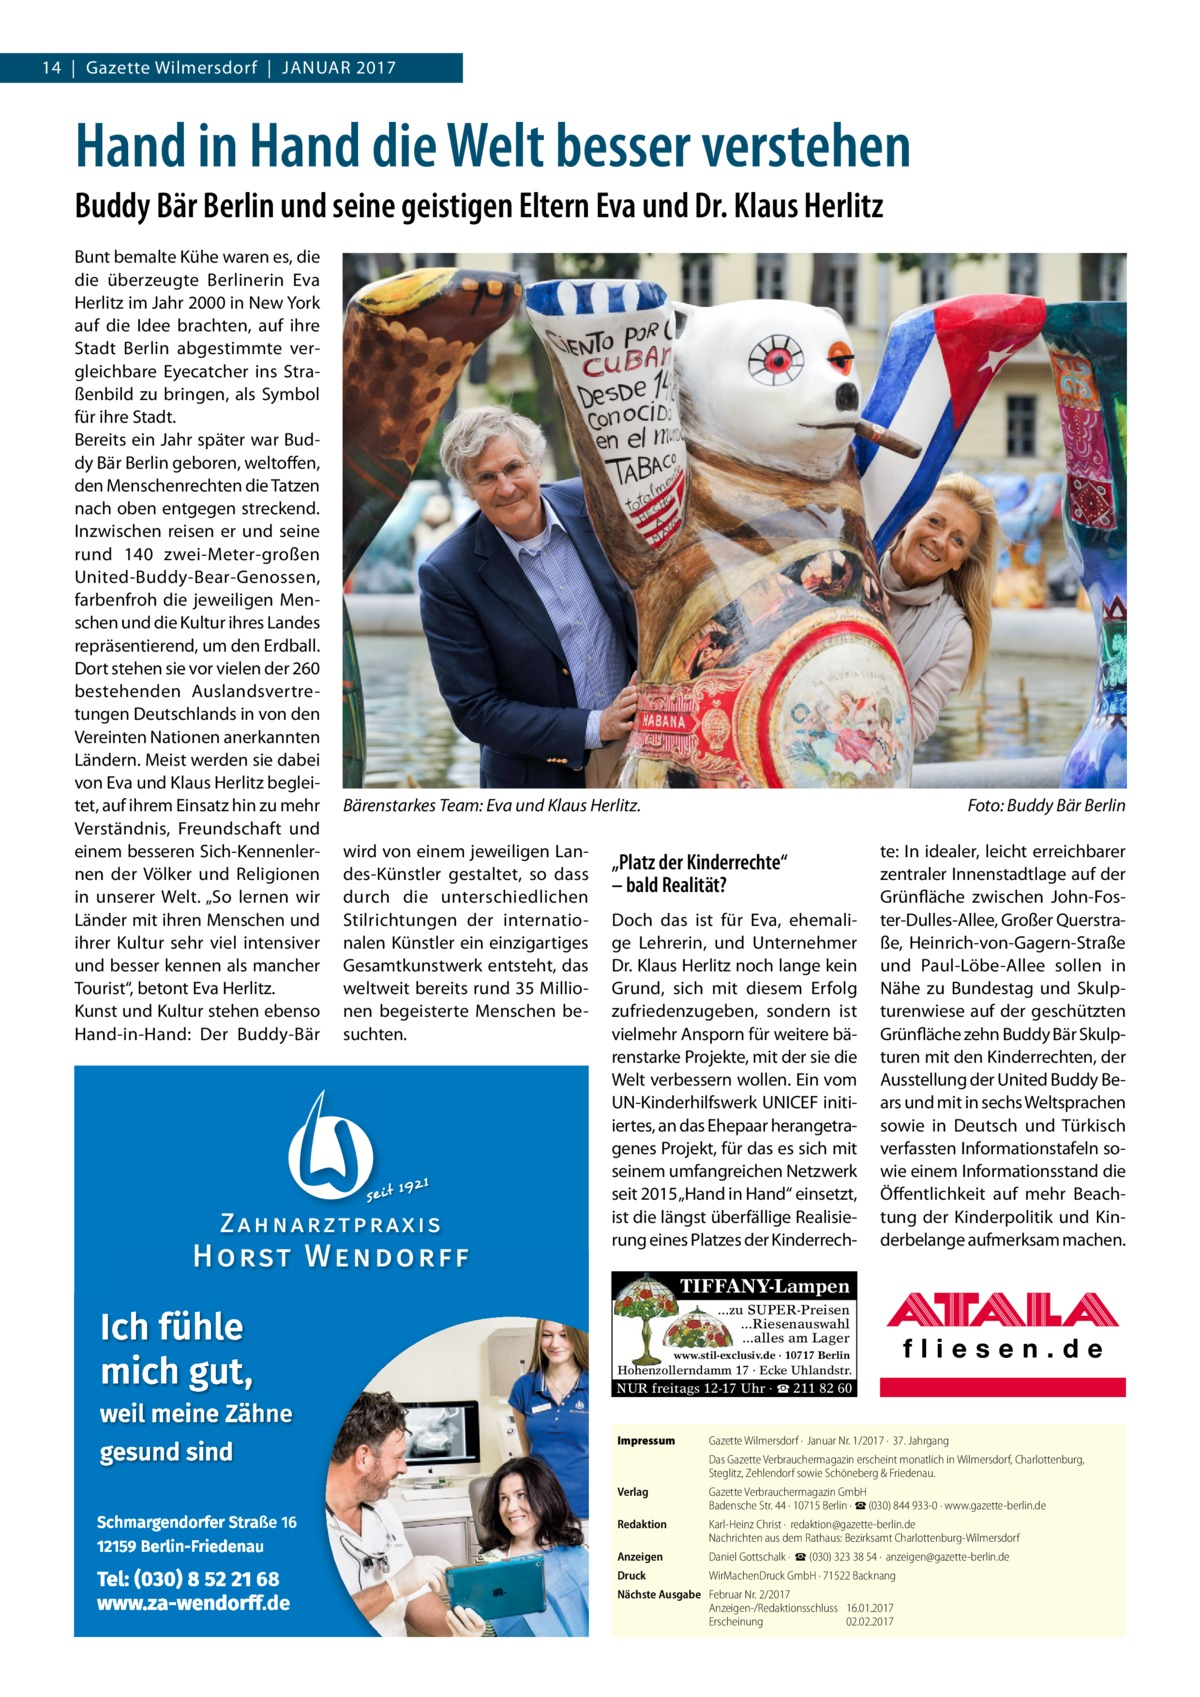 """14 Gazette Wilmersdorf Januar 2017  Hand in Hand die Welt besser verstehen Buddy Bär Berlin und seine geistigen Eltern Eva und Dr.Klaus Herlitz Bunt bemalte Kühe waren es, die die überzeugte Berlinerin Eva Herlitz im Jahr 2000 in New York auf die Idee brachten, auf ihre Stadt Berlin abgestimmte vergleichbare Eyecatcher ins Straßenbild zu bringen, als Symbol für ihre Stadt. Bereits ein Jahr später war Buddy Bär Berlin geboren, weltoffen, den Menschenrechten die Tatzen nach oben entgegen streckend. Inzwischen reisen er und seine rund 140 zwei-Meter-großen United-Buddy-Bear-Genossen, farbenfroh die jeweiligen Menschen und die Kultur ihres Landes repräsentierend, um den Erdball. Dort stehen sie vor vielen der 260 bestehenden Auslandsvertretungen Deutschlands in von den Vereinten Nationen anerkannten Ländern. Meist werden sie dabei von Eva und Klaus Herlitz begleitet, auf ihrem Einsatz hin zu mehr Verständnis, Freundschaft und einem besseren Sich-Kennenlernen der Völker und Religionen in unserer Welt. """"So lernen wir Länder mit ihren Menschen und ihrer Kultur sehr viel intensiver und besser kennen als mancher Tourist"""", betont Eva Herlitz. Kunst und Kultur stehen ebenso Hand-in-Hand: Der Buddy-Bär  Bärenstarkes Team: Eva und Klaus Herlitz.� wird von einem jeweiligen Landes-Künstler gestaltet, so dass durch die unterschiedlichen Stilrichtungen der internationalen Künstler ein einzigartiges Gesamtkunstwerk entsteht, das weltweit bereits rund 35Millionen begeisterte Menschen besuchten.  Foto: Buddy Bär Berlin  """"Platz der Kinderrechte"""" – bald Realität? Doch das ist für Eva, ehemalige Lehrerin, und Unternehmer Dr.Klaus Herlitz noch lange kein Grund, sich mit diesem Erfolg zufriedenzugeben, sondern ist vielmehr Ansporn für weitere bärenstarke Projekte, mit der sie die Welt verbessern wollen. Ein vom UN-Kinderhilfswerk UNICEF initiiertes, an das Ehepaar herangetragenes Projekt, für das es sich mit seinem umfangreichen Netzwerk seit 2015 """"Hand in Hand"""" einsetzt, ist die längst übe"""